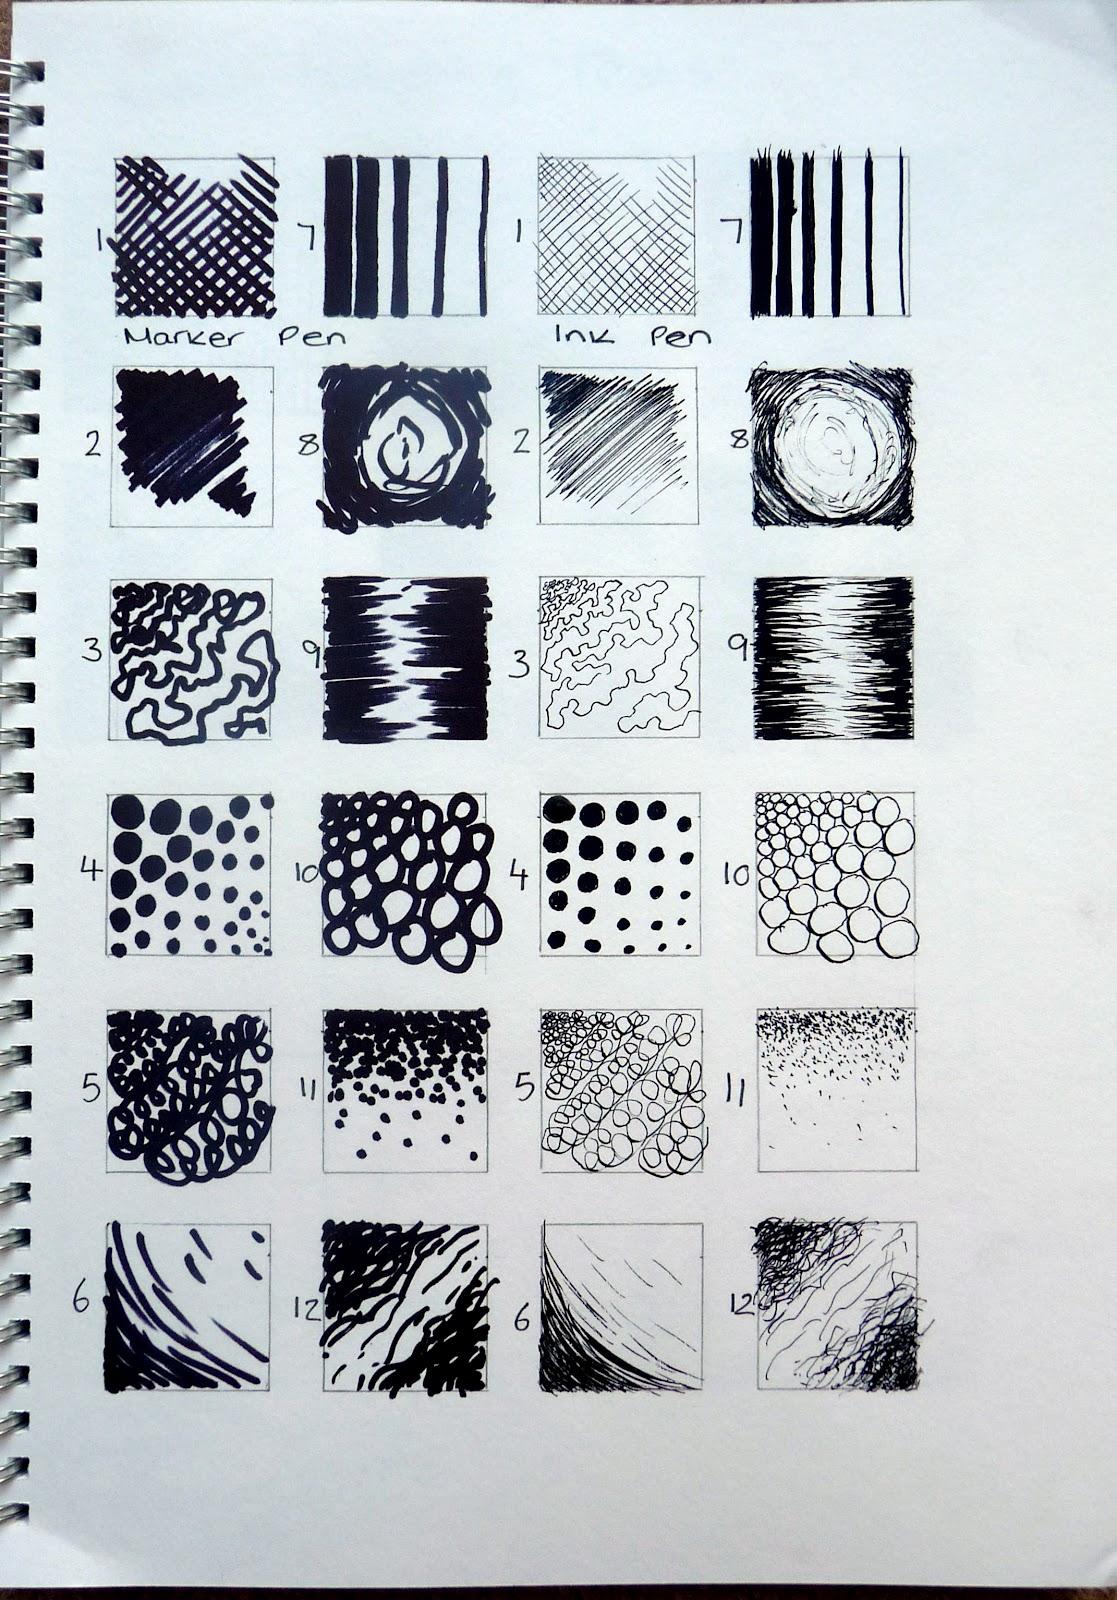 Как сделать 2 графика в одном рисунке